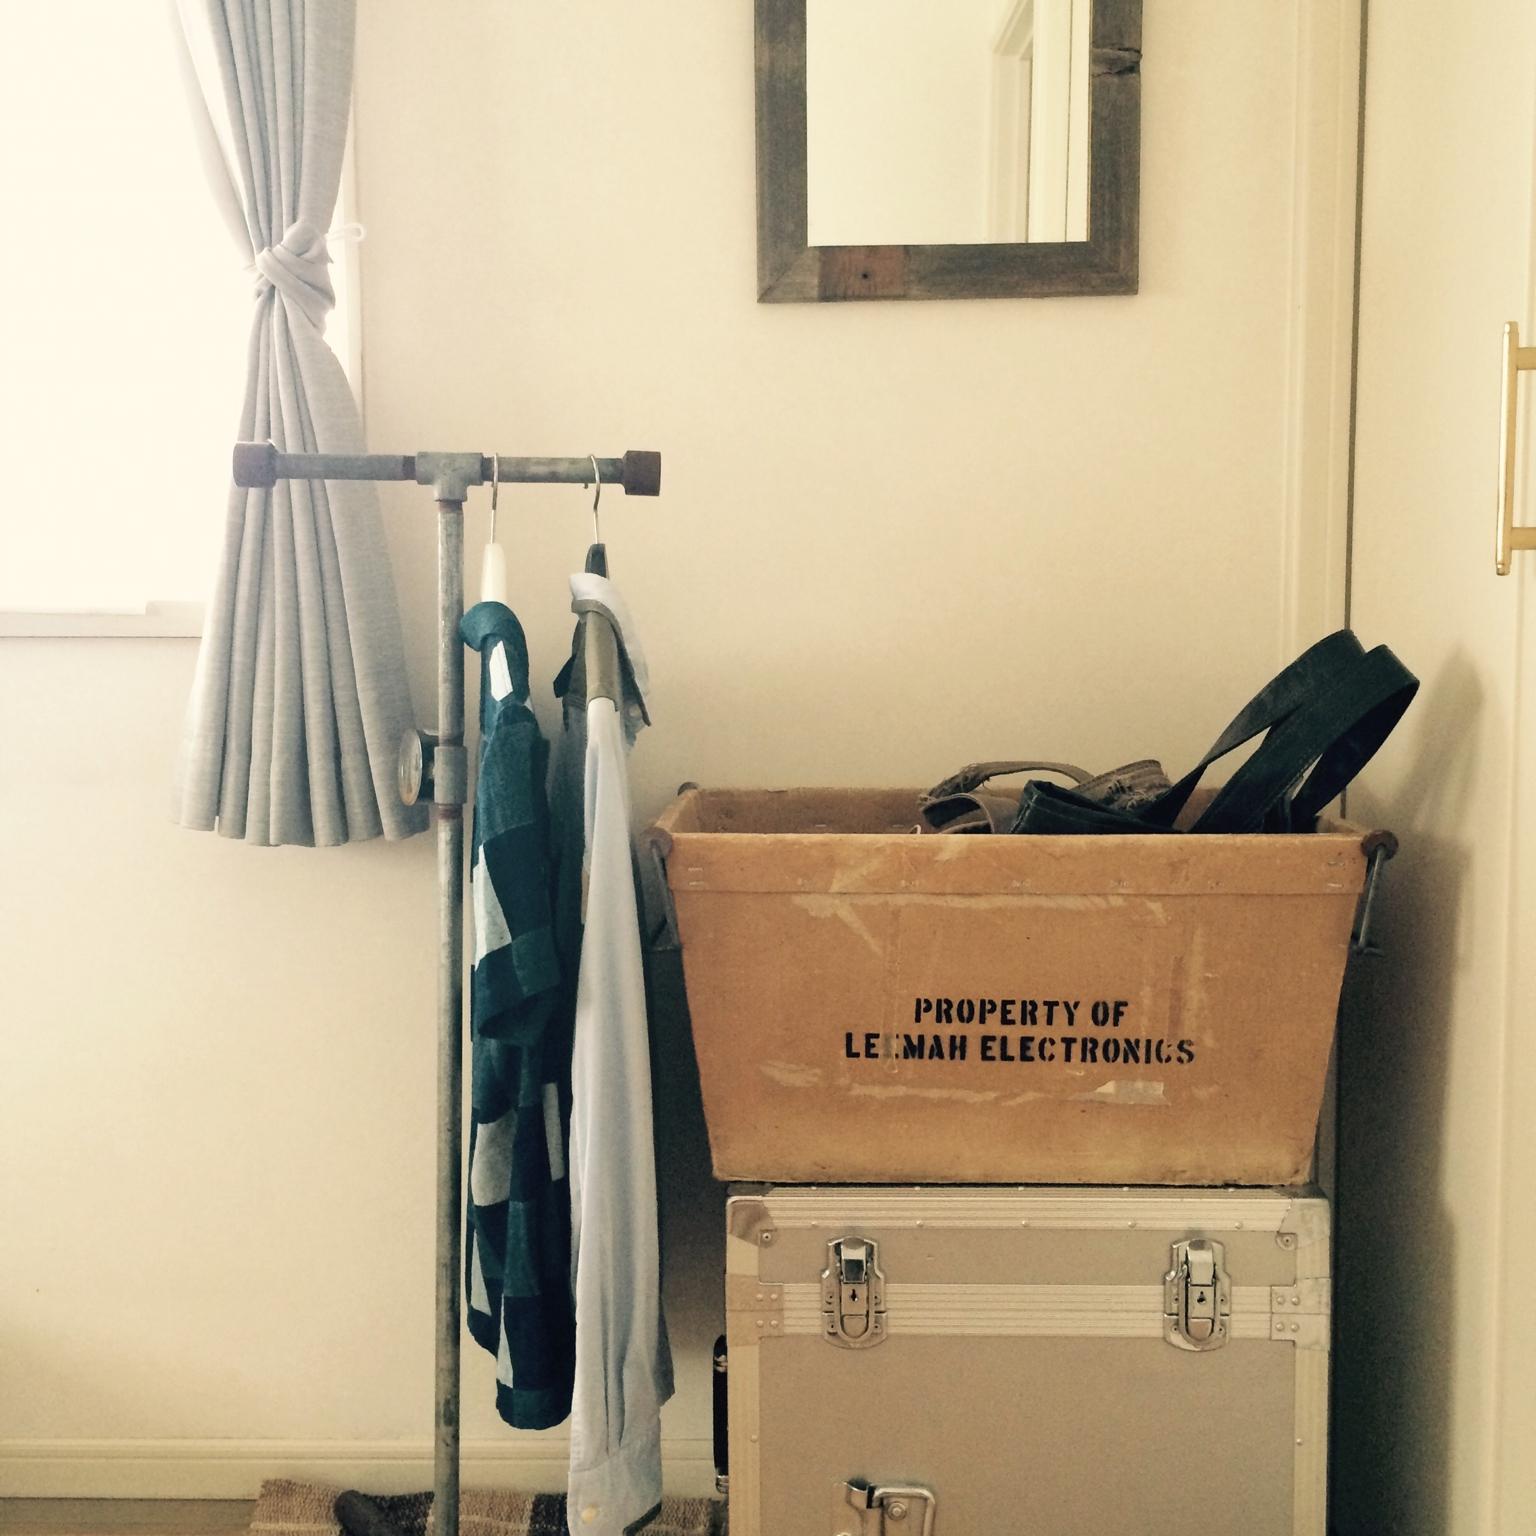 素材良し!デザイン良し!ハンガーラックのDIYアイデア集 | RoomClip mag | 暮らしとインテリアのwebマガジン